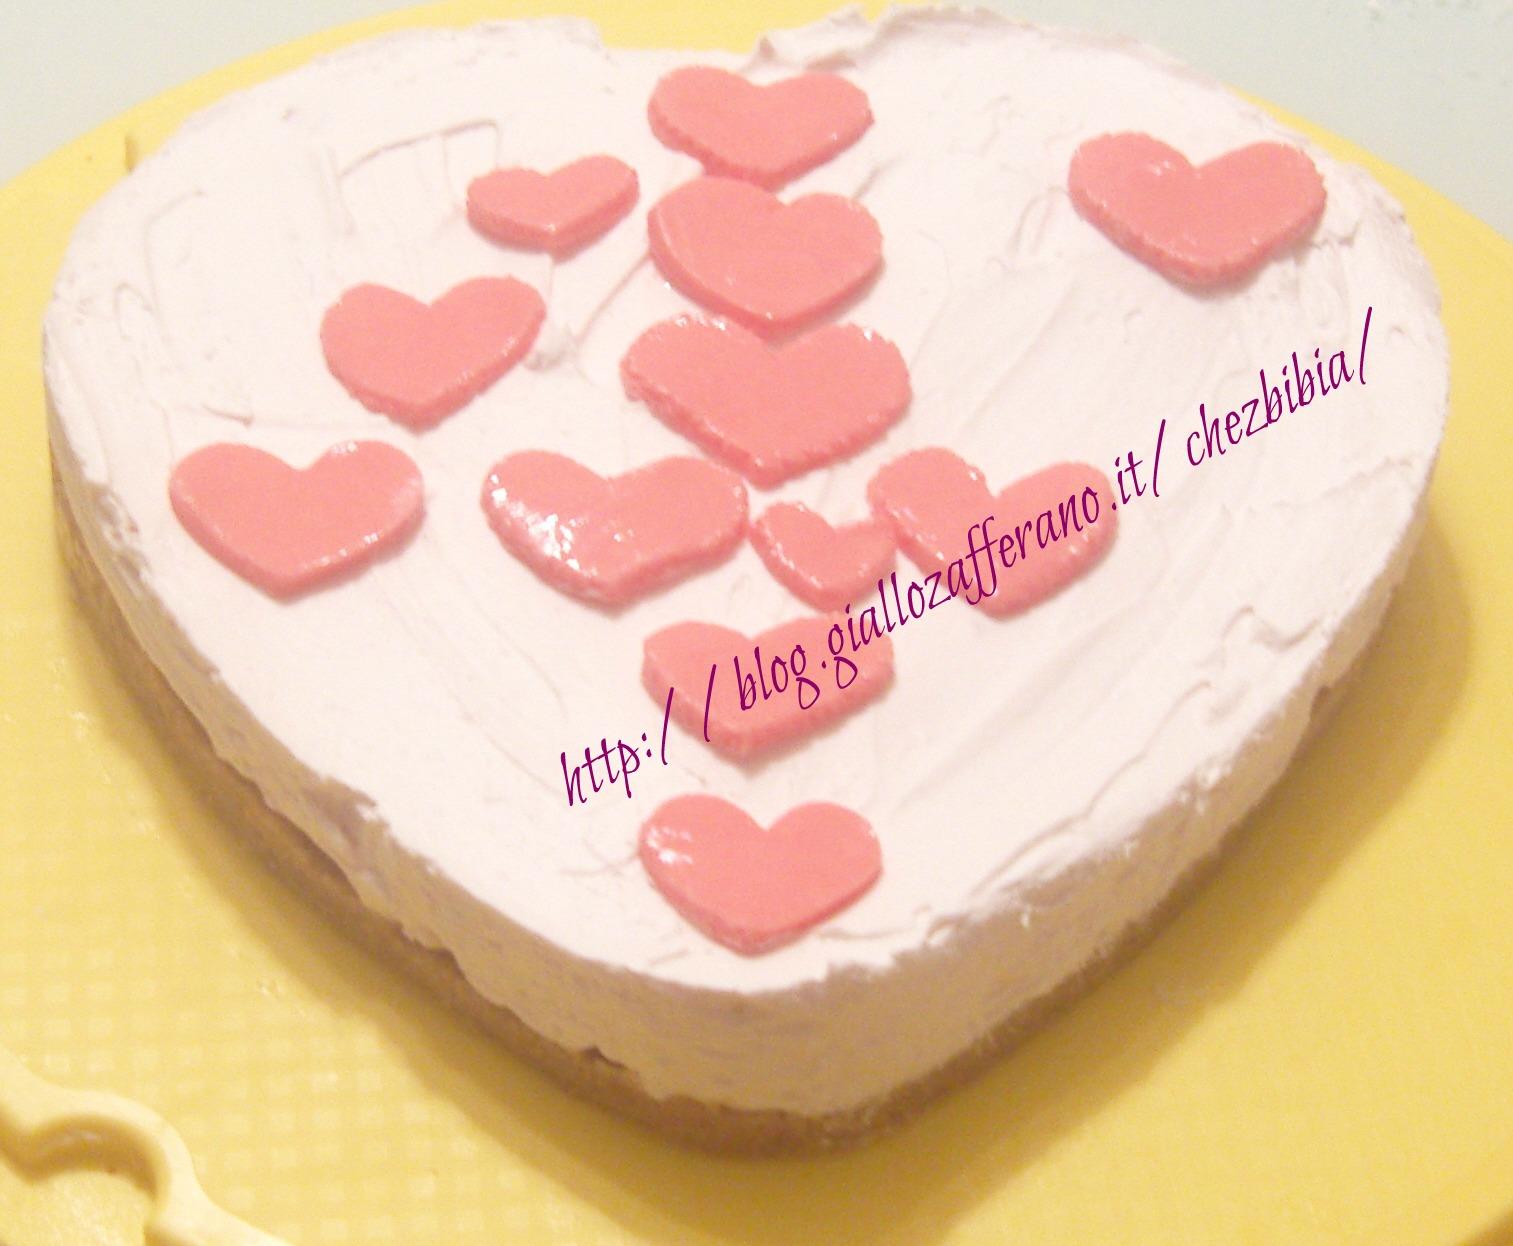 Torta Per Anniversario Di Matrimonio Giallo Zafferano.Torta Fredda Allo Yogurt 4 Anniversario Di Matrimonio Chez Bibia